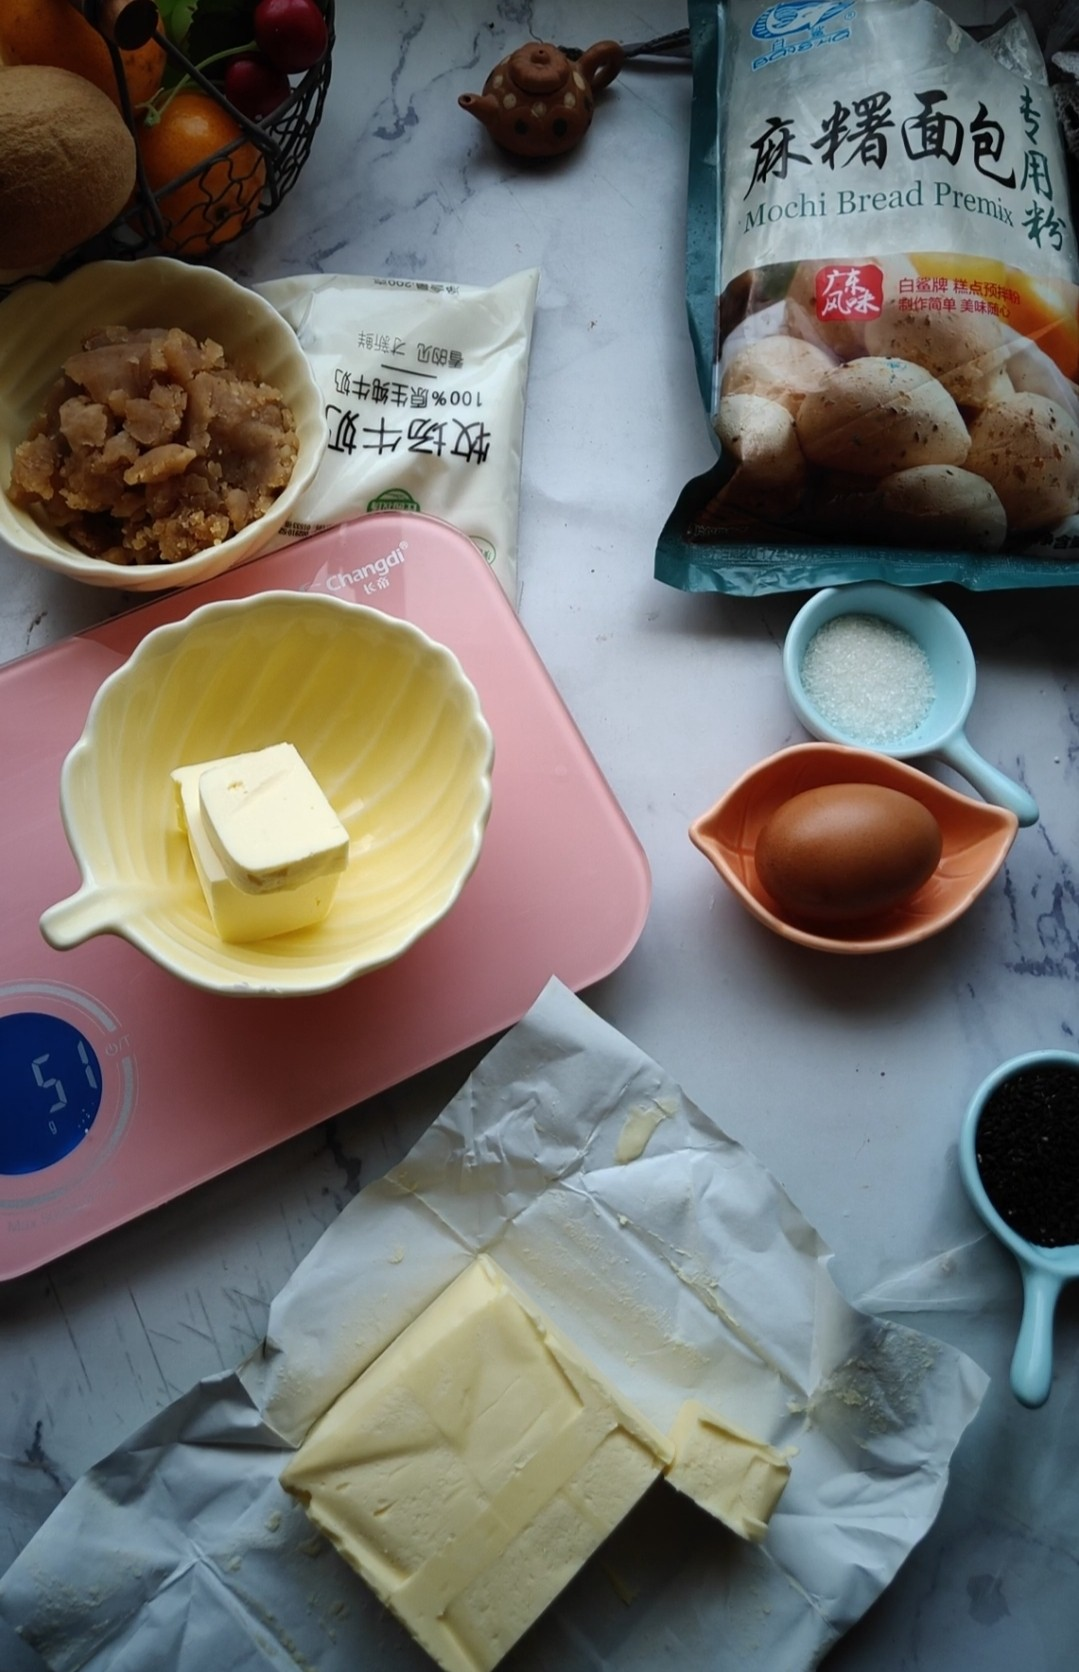 莲蓉麻薯包的简单做法